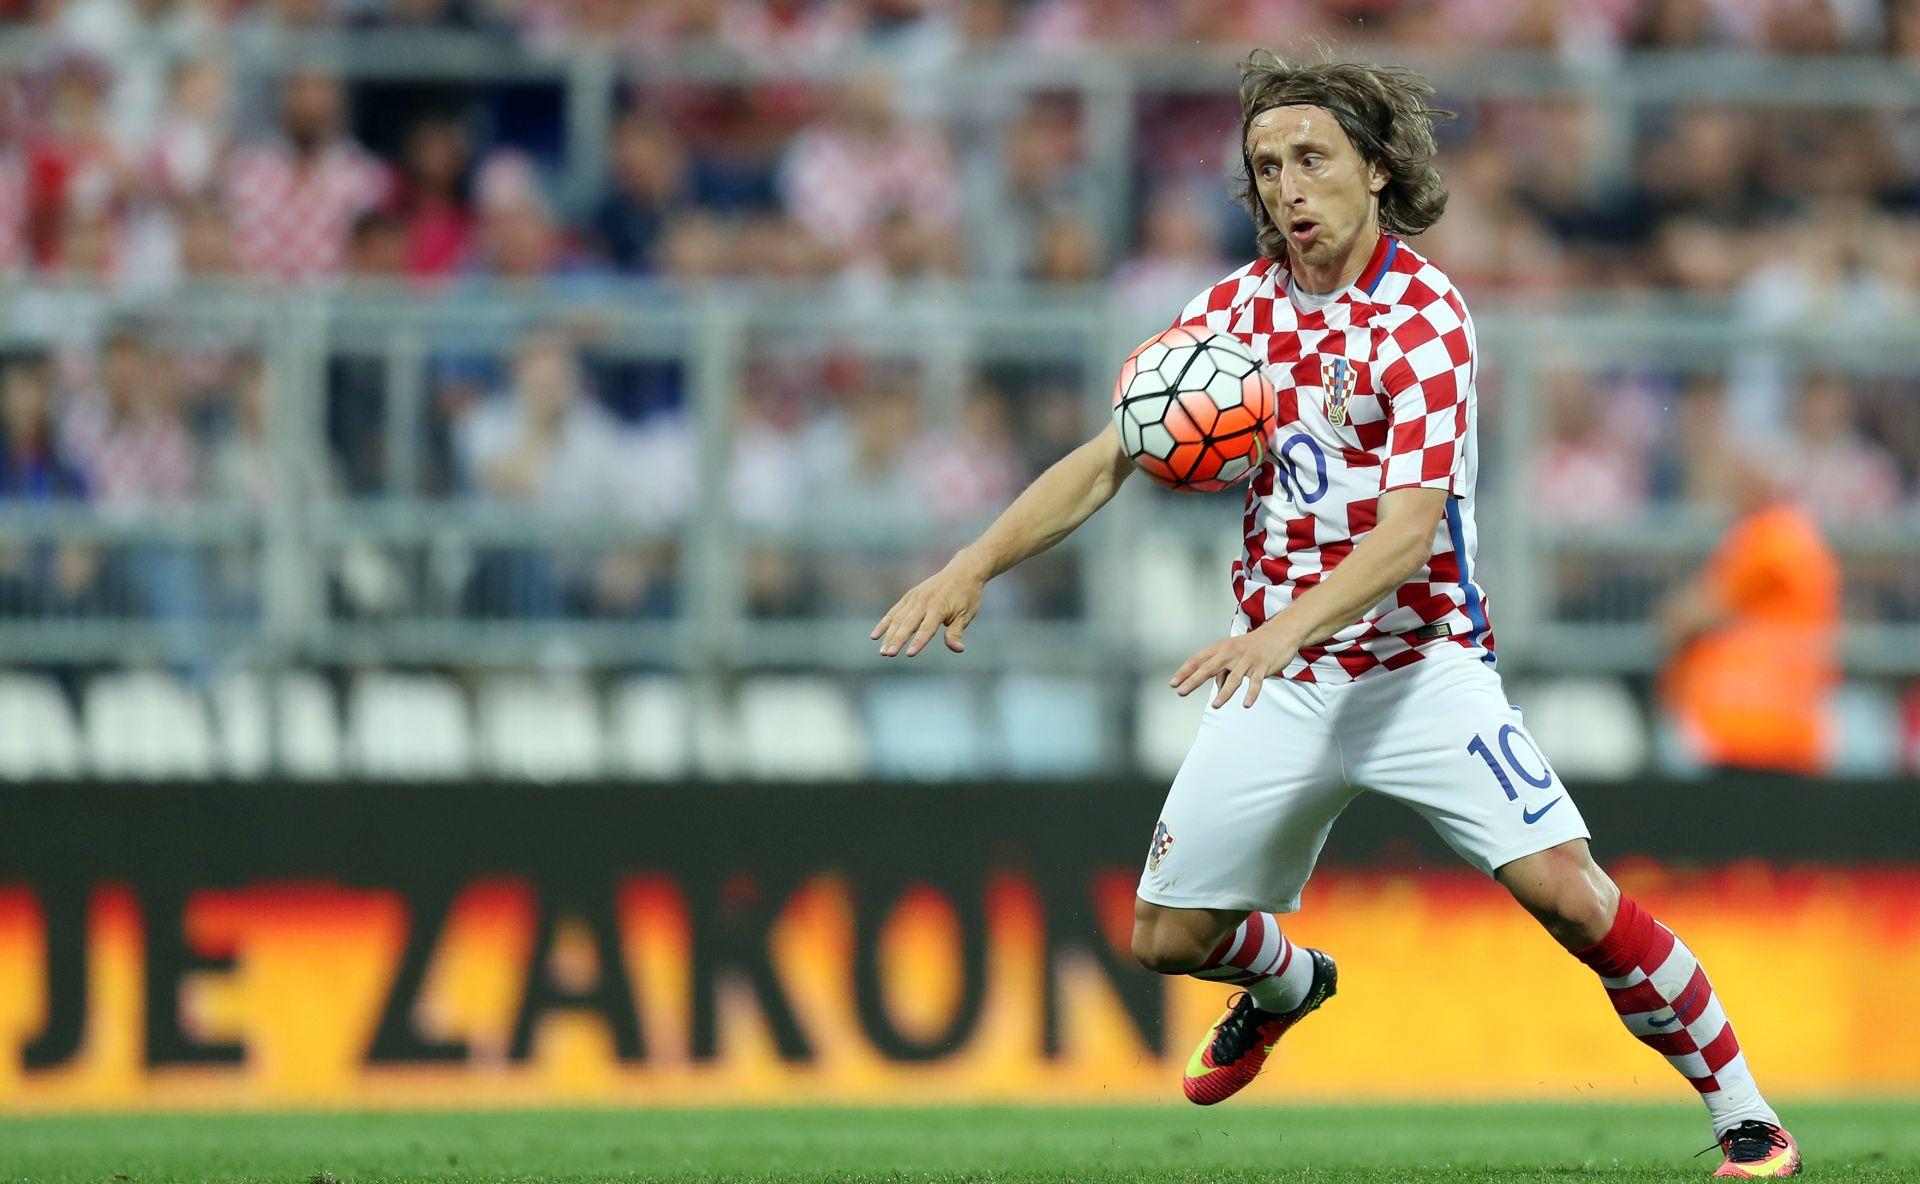 Modriću četvrti hrvatski nogometni Oscar